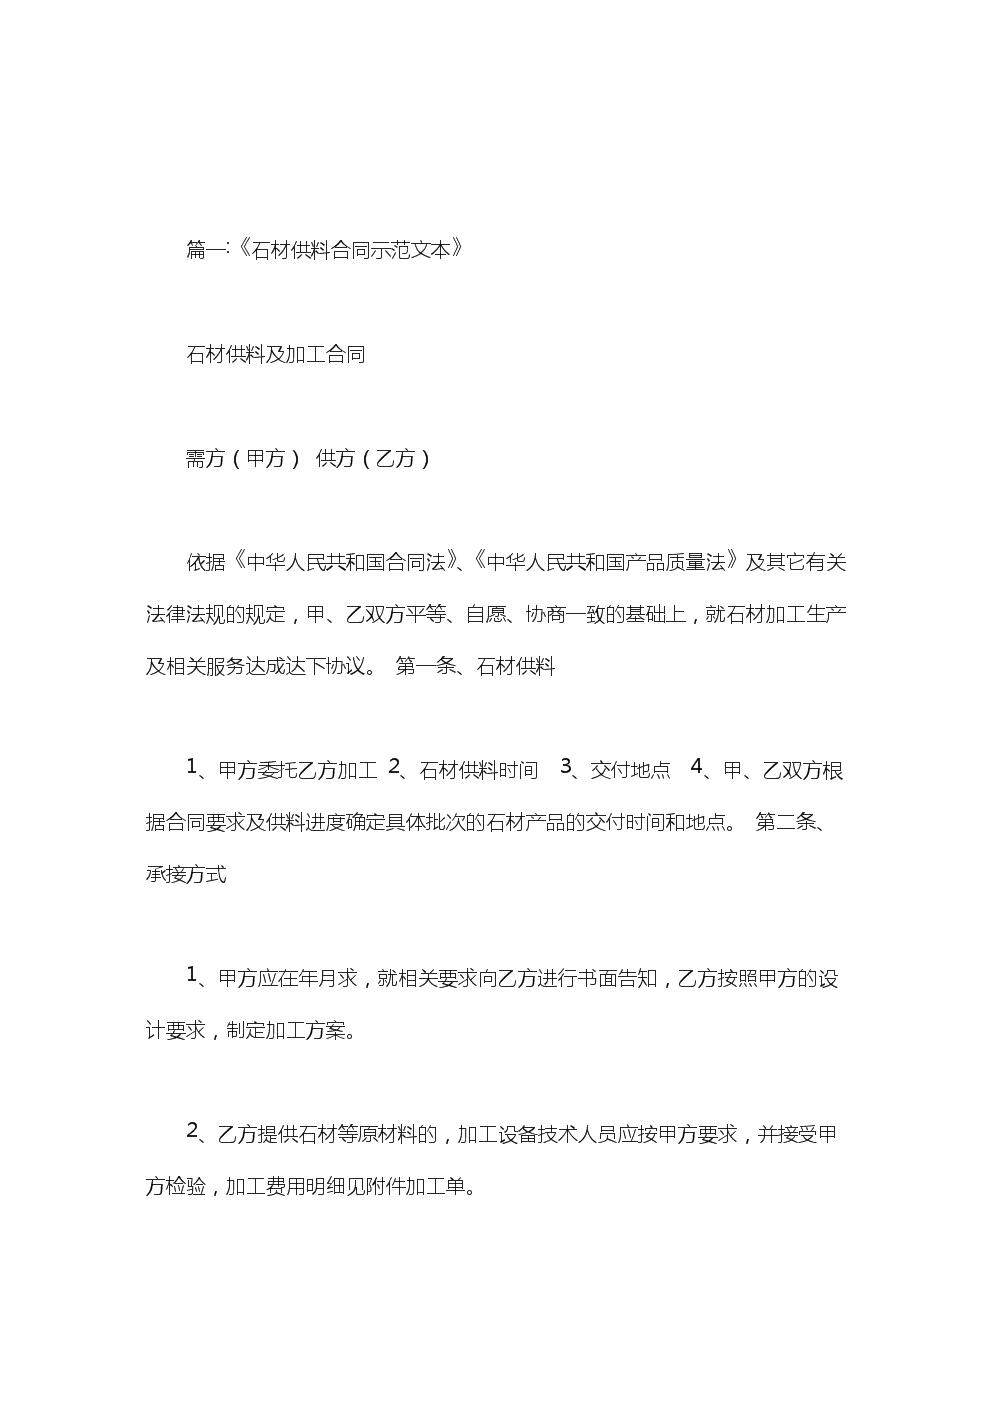 大理石供料合同范文.doc